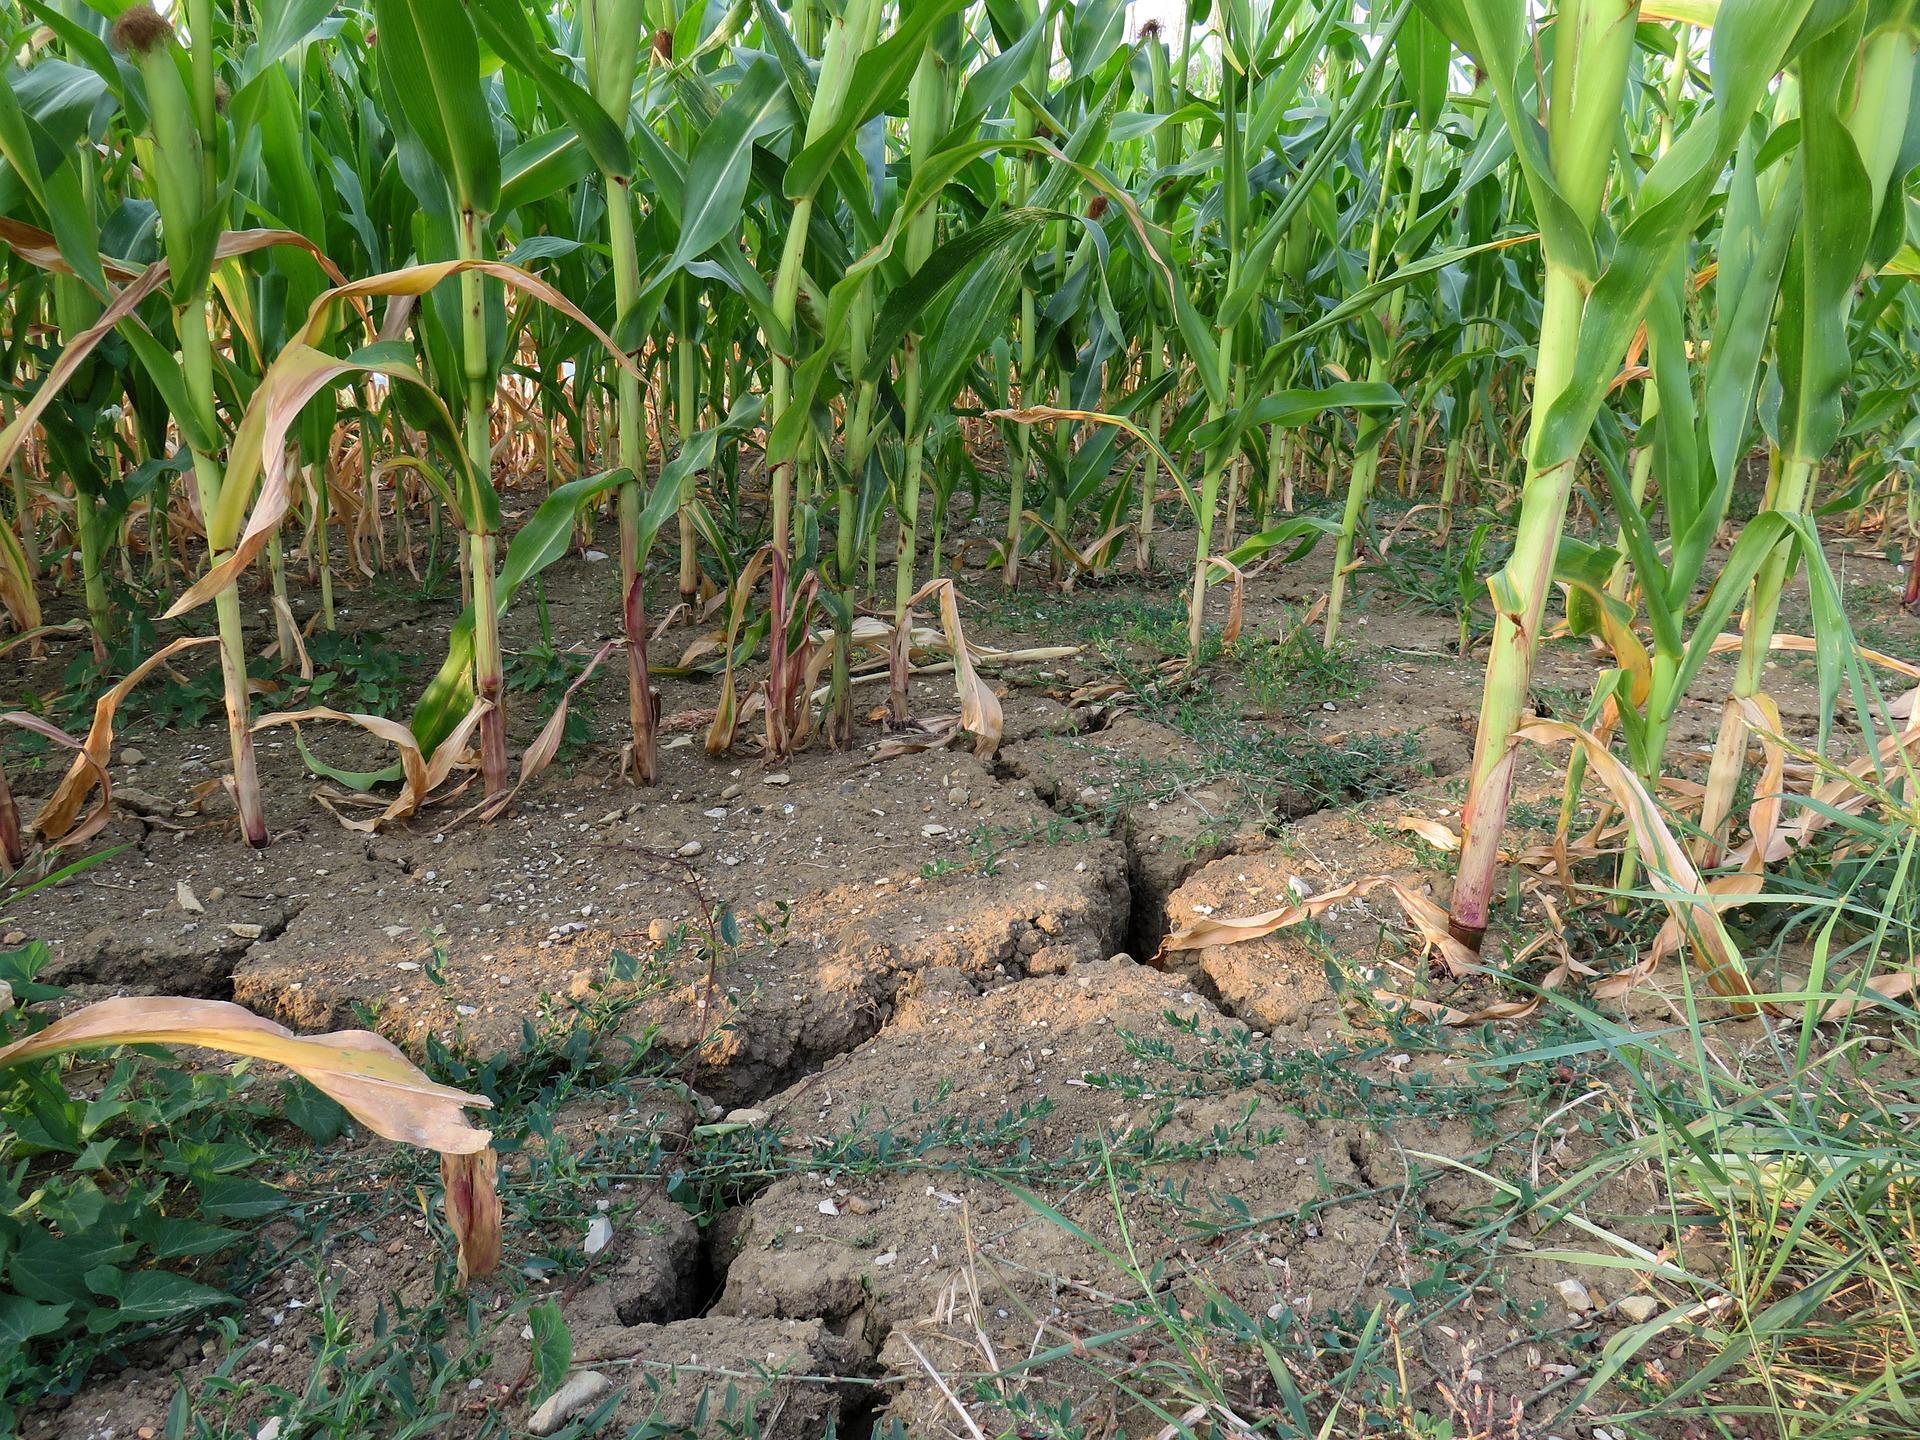 Corn Field, Green, Fresh, Field, Crop, HQ Photo